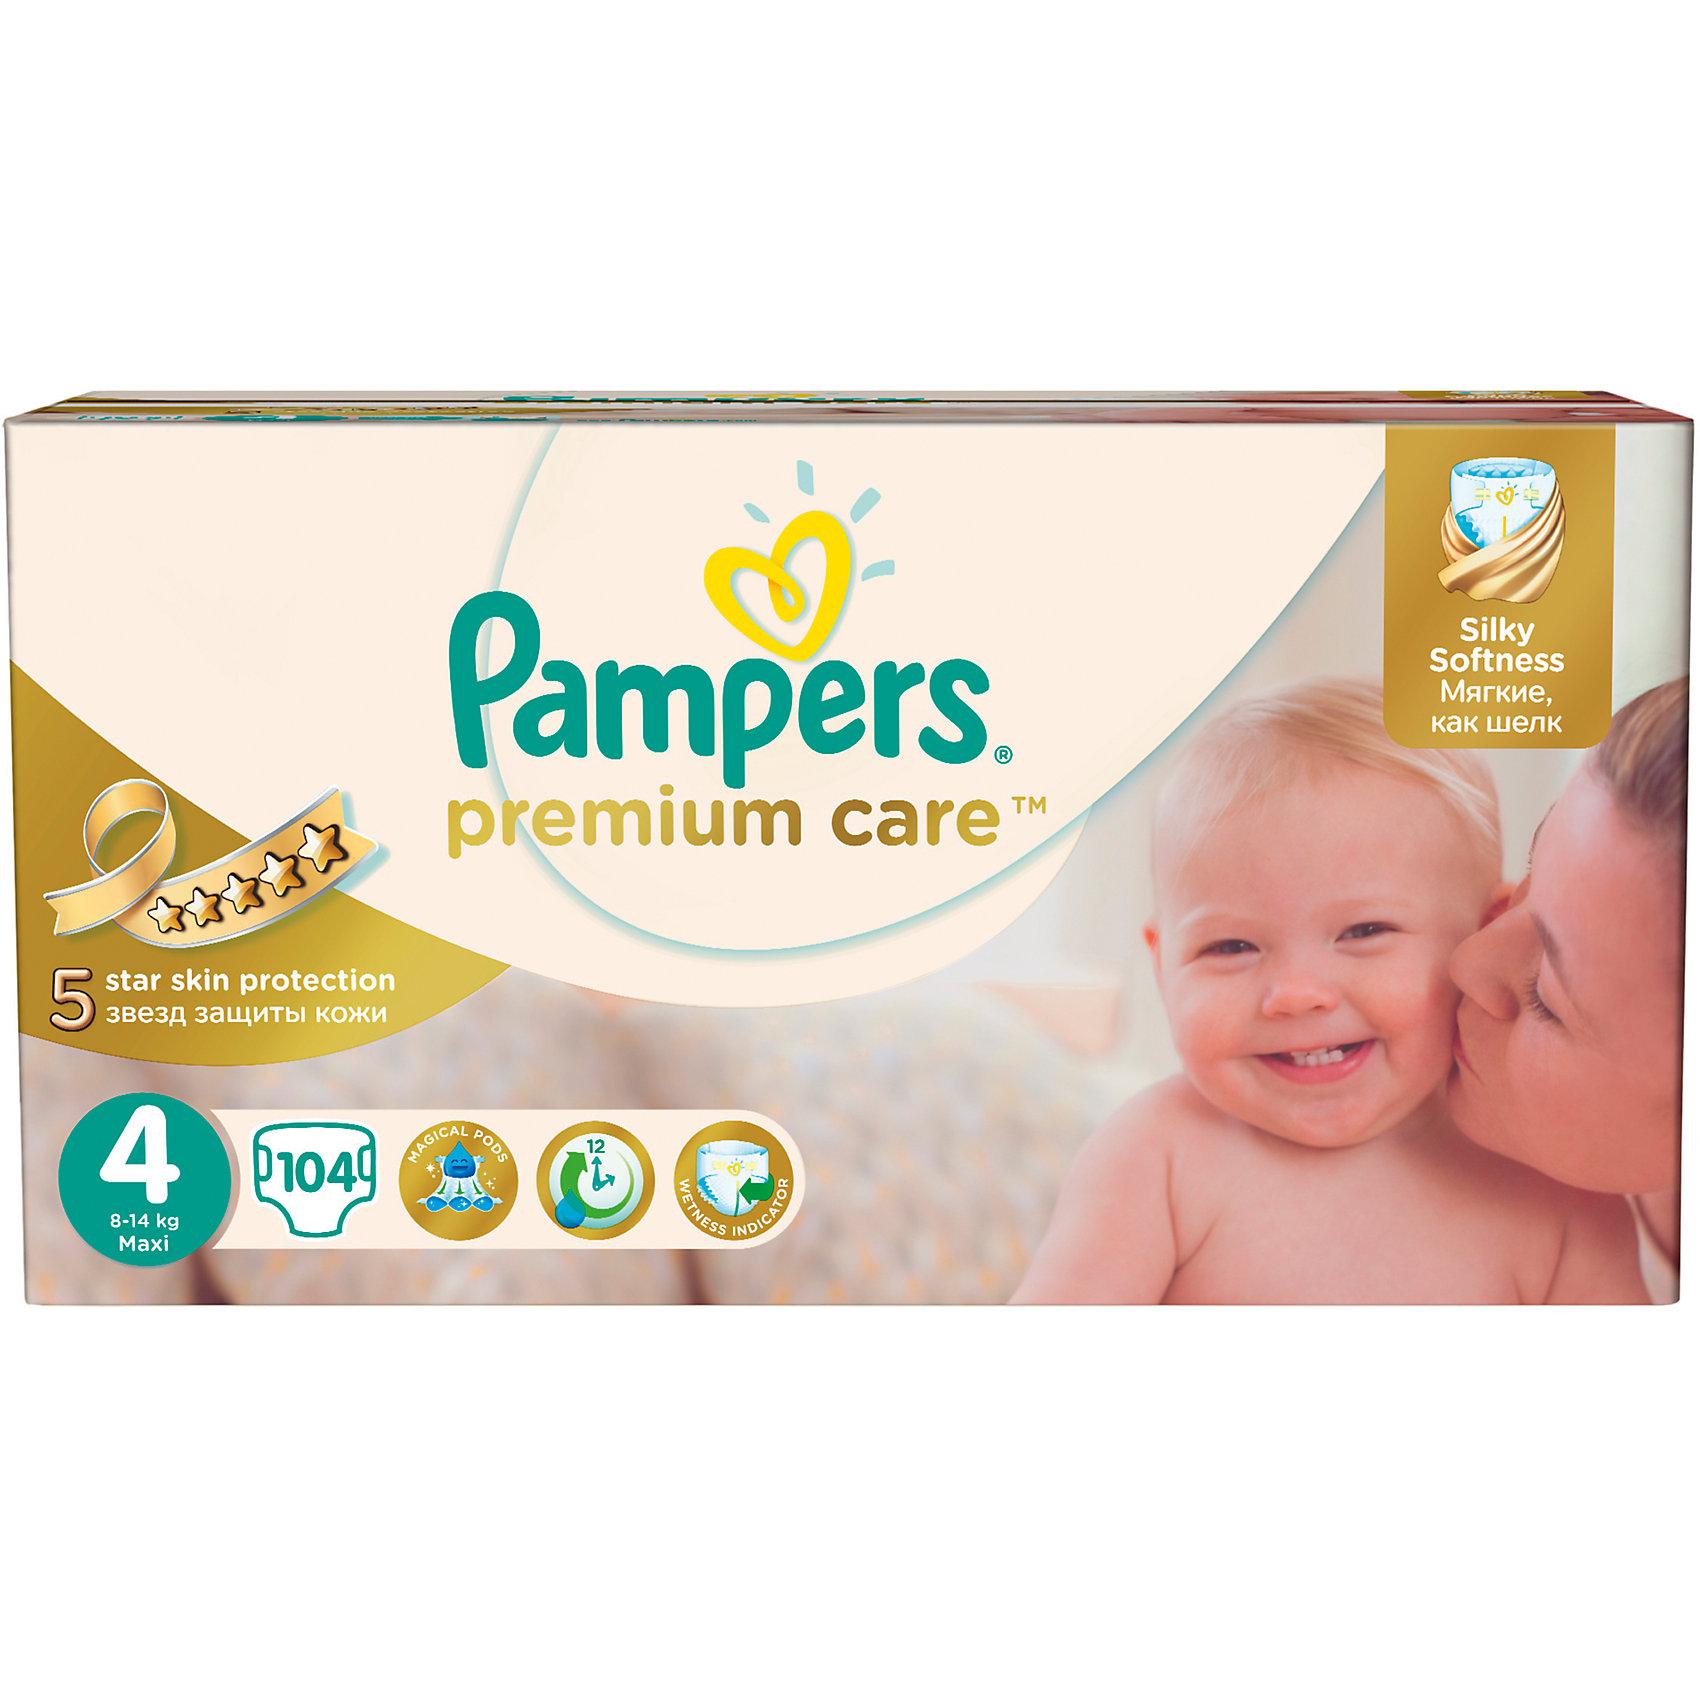 Подгузники Pampers Premium Care Maxi, 8-14 кг., 104 шт.Подгузники классические<br>Подгузники Pampers Premium Care Maxi (Памперс премиум кеа), 8-14 кг., 104 шт.<br><br>Характеристики:<br><br>• мягкие как шелк<br>• впитывающие каналы равномерно распределяют влагу<br>• удерживают влагу до 12 часов<br>• дышащие материалы обеспечивают правильную циркуляцию воздуха<br>• индикатор влаги подскажет, что нужно сменить подгузник<br>• эластичные боковинки защищают от протеканий<br>• состав бальзама: вазелин, стеариловый спирт, экстракт алоэ, жидкий вазелин/вазелиновое масло<br>• размер: 8-14 кг<br>• количество: 104 шт.<br>• размер упаковки: 20,2х11,5х16,4 см<br>• вес: 3267 грамм<br><br>Подгузники Pampers Premium Care подарят вашему малышу сухость и комфорт на всю ночь! Подгузники имеют три впитывающих канала, которые позволяют равномерно распределить влагу без образования комков. Специальный впитывающий слой быстро абсорбирует и удерживает влагу до 12 часов, позволяя избежать соприкосновения с кожей. Эластичные боковинки подгузников помогут предотвратить натирание на коже. Внешний слой позволяет коже ребёнка дышать всю ночь, обеспечивая правильную микроциркуляцию кожи. Подгузники имеют индикатор влаги, который напомнит вам о необходимости смены подгузника. Pampers Premium Care мягкие словно шёлк. В них кроха всегда будет готов к новым открытиям!<br><br>Подгузники Pampers Premium Care Maxi (Памперс премиум кеа), 8-14 кг., 104 шт. можно купить в нашем интернет-магазине.<br><br>Ширина мм: 164<br>Глубина мм: 115<br>Высота мм: 202<br>Вес г: 3267<br>Возраст от месяцев: 6<br>Возраст до месяцев: 36<br>Пол: Унисекс<br>Возраст: Детский<br>SKU: 5422940